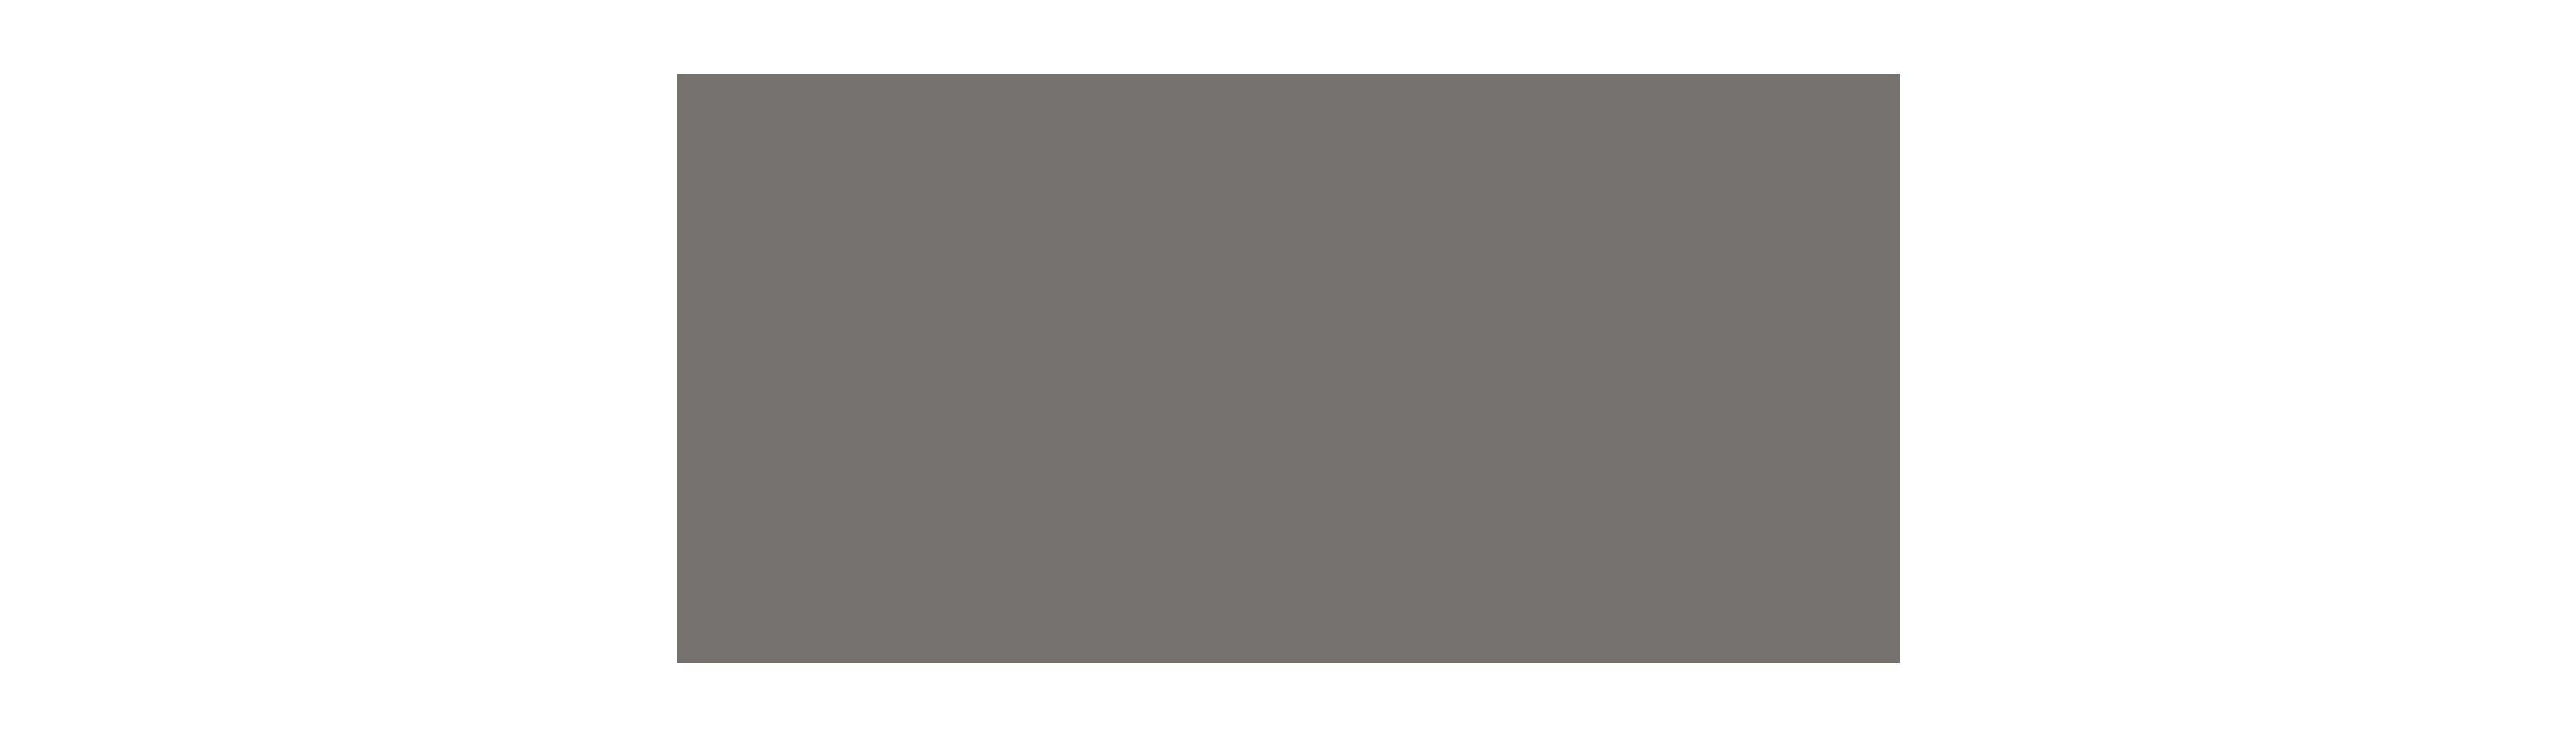 BLAUEPFERDE GmbH